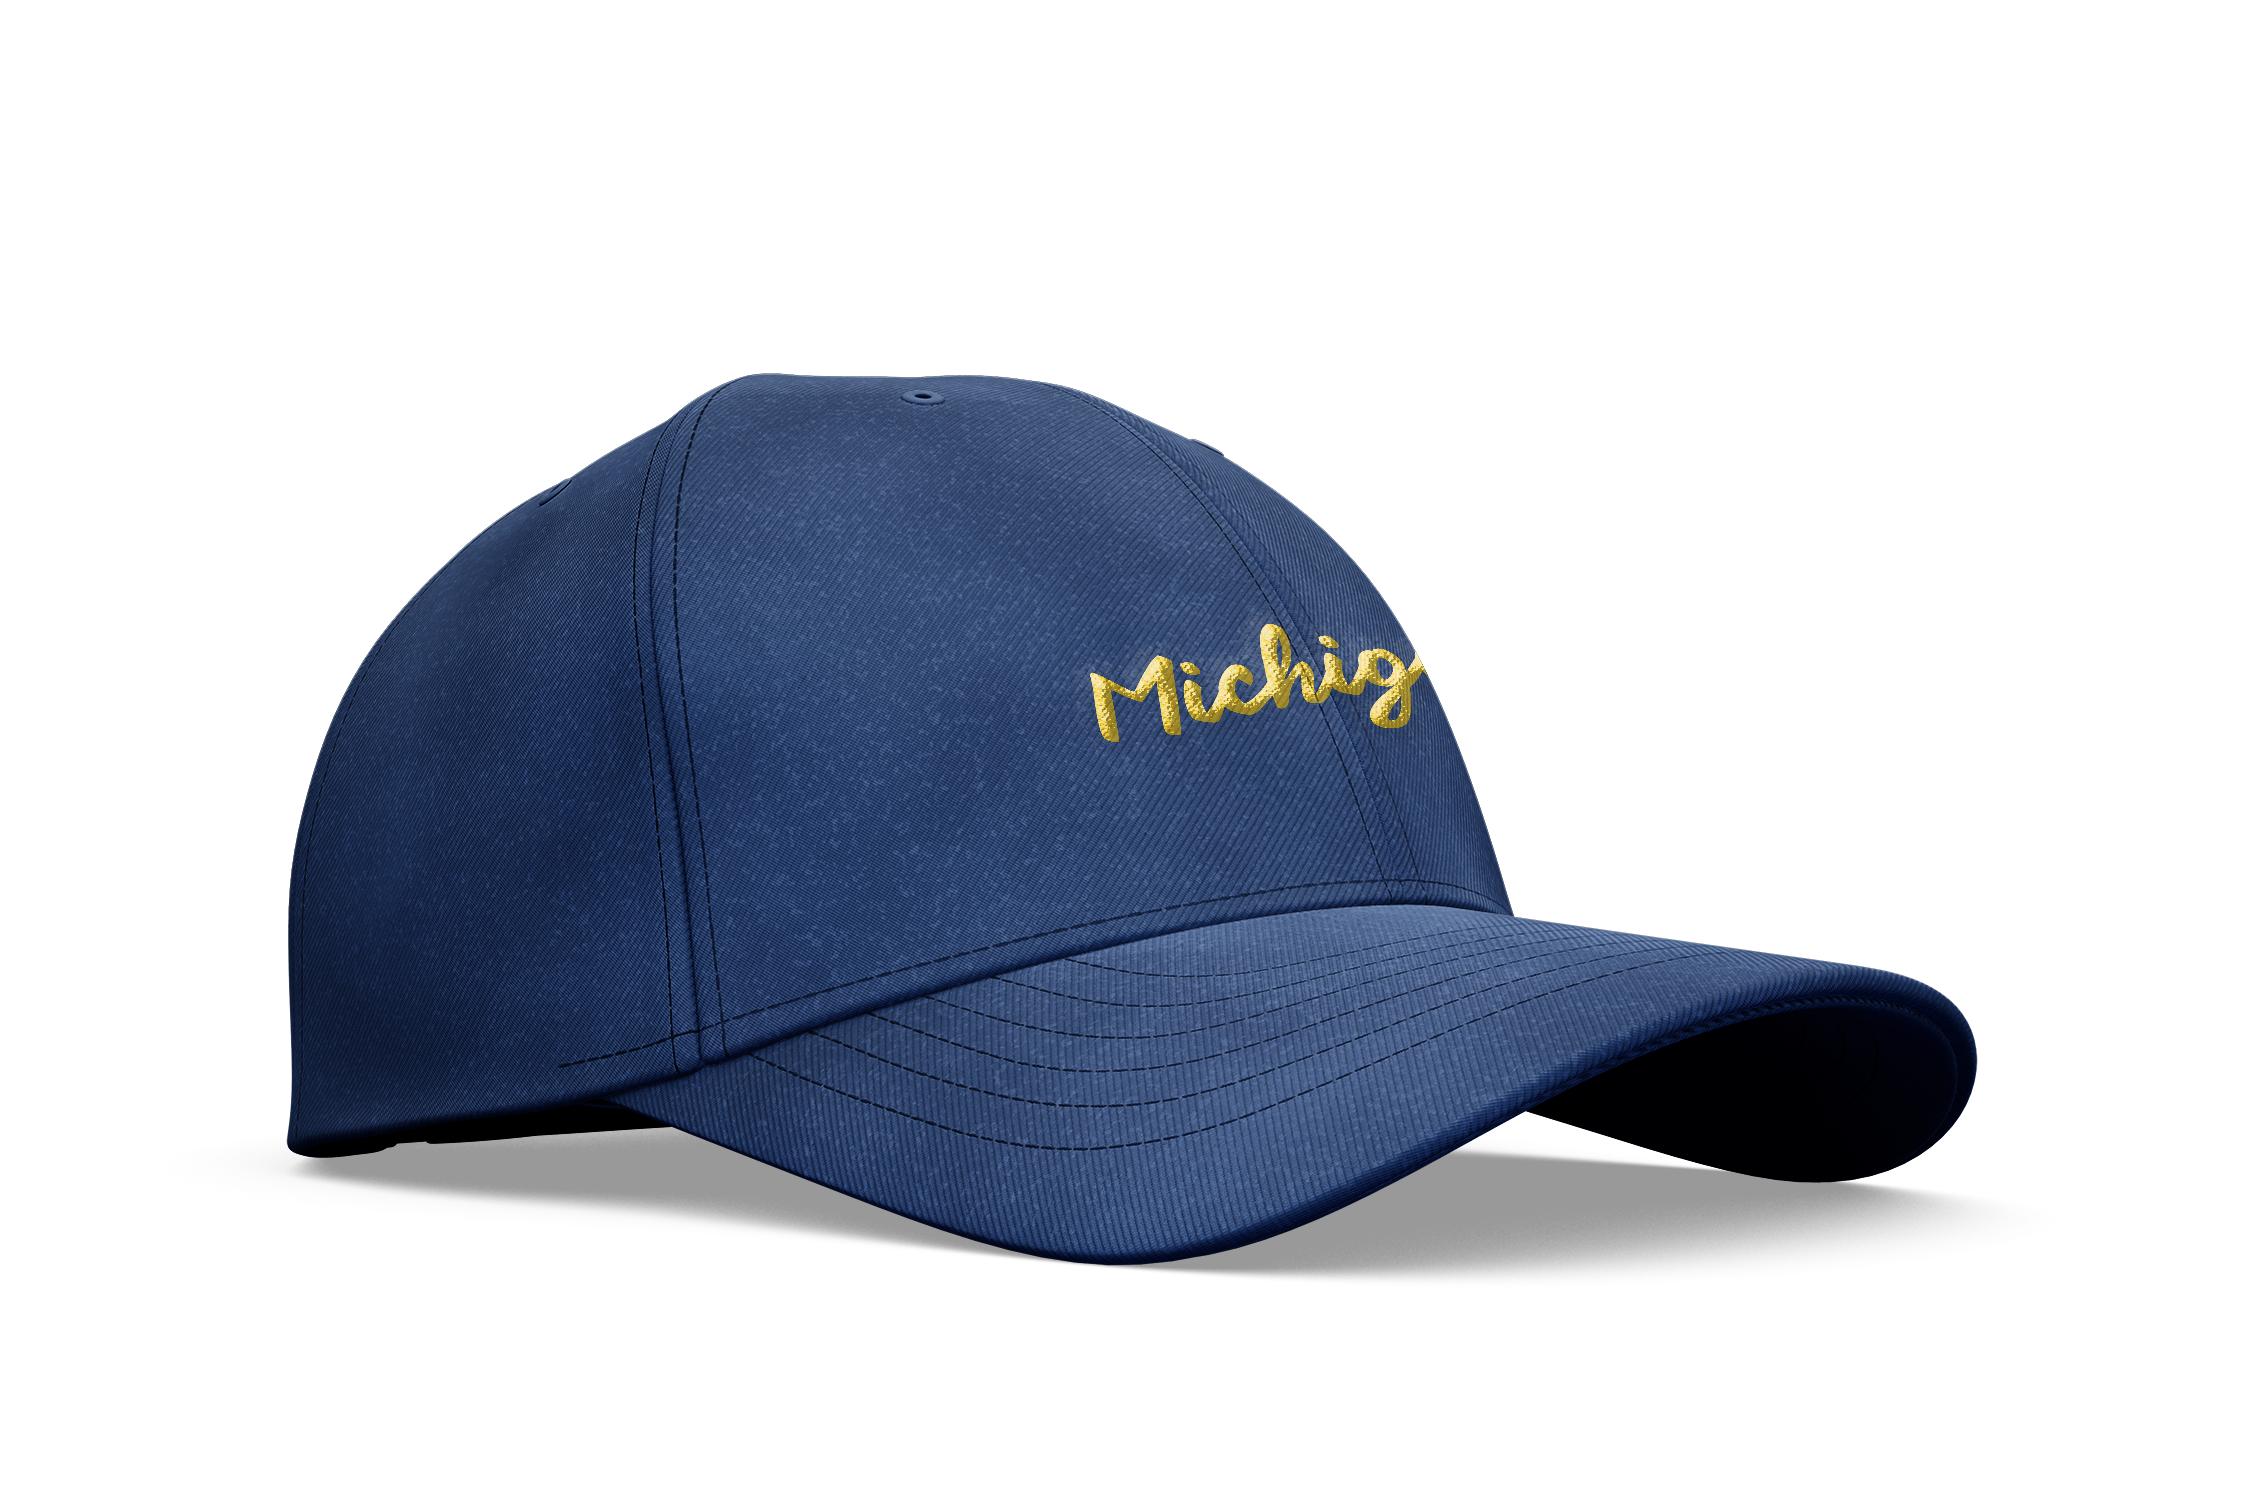 Hat Designs - Photo Mockups - Design 1b.png